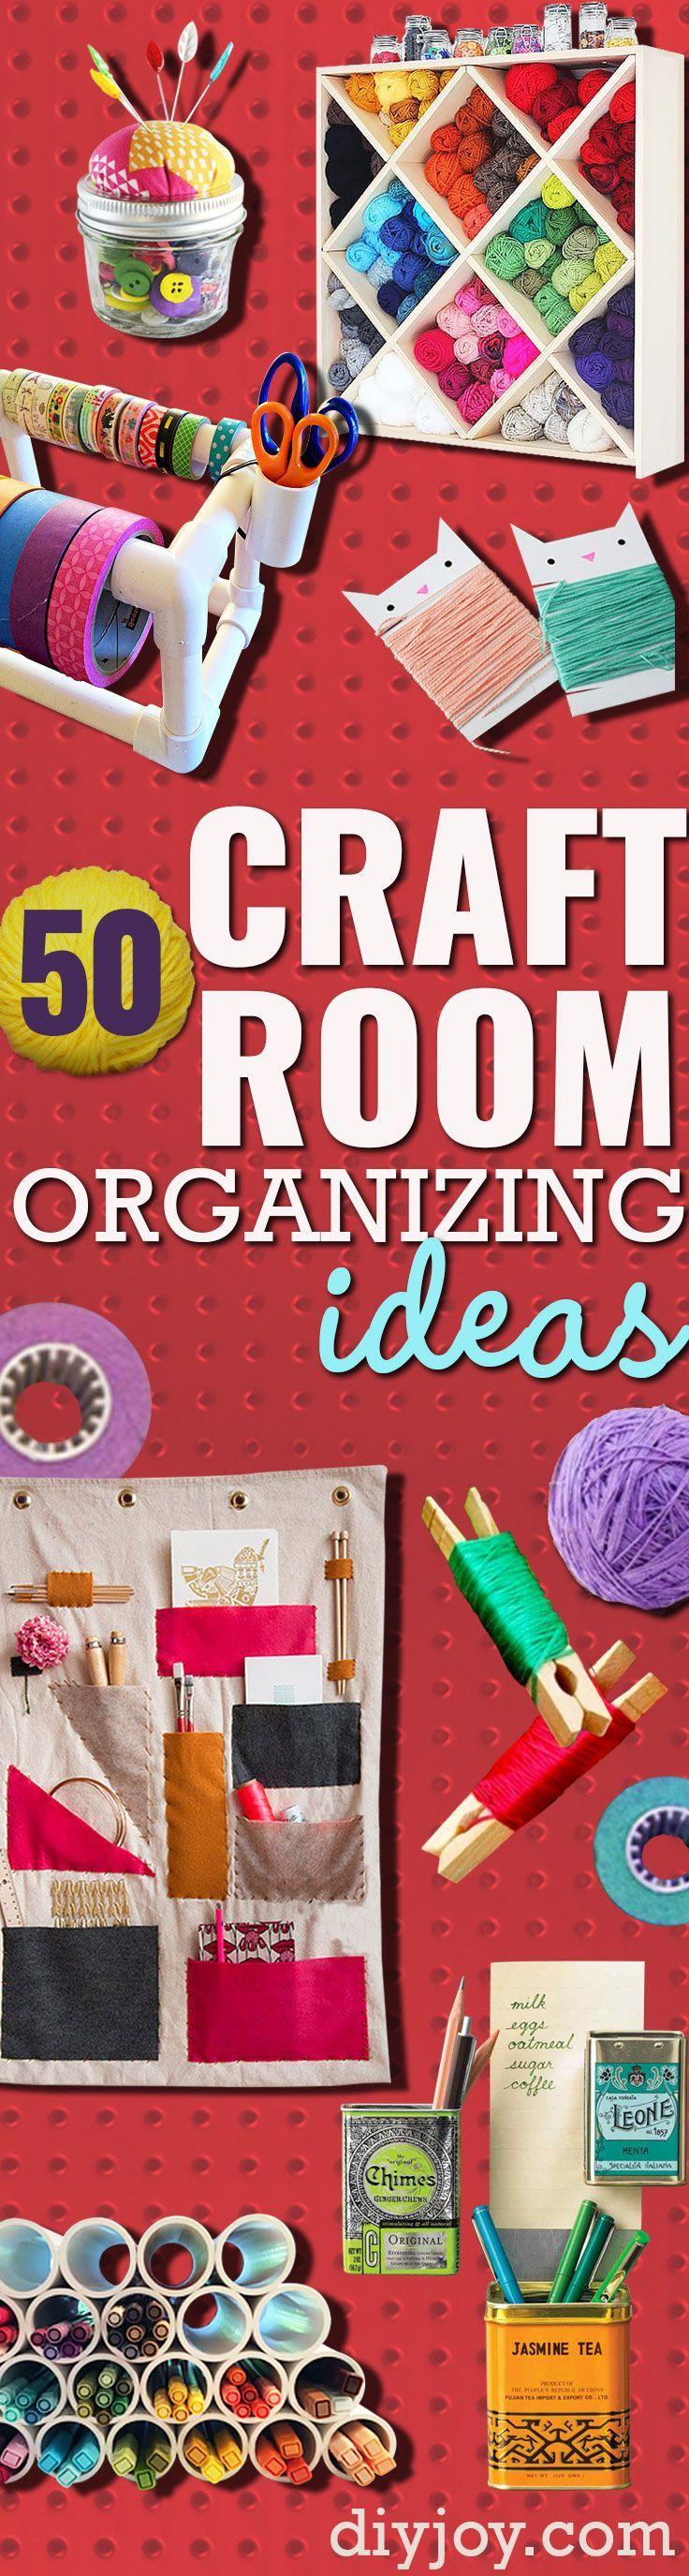 DIY hantverk rum Idéer och hantverk rum Organisation Projekt - Cool Idéer för göra det själv Craft Förvaring - tyg, papper, pennor, kreativa verktyg, hantverk leveranser och sömnad föreställningar | http://diyjoy.com/craft-room-organization